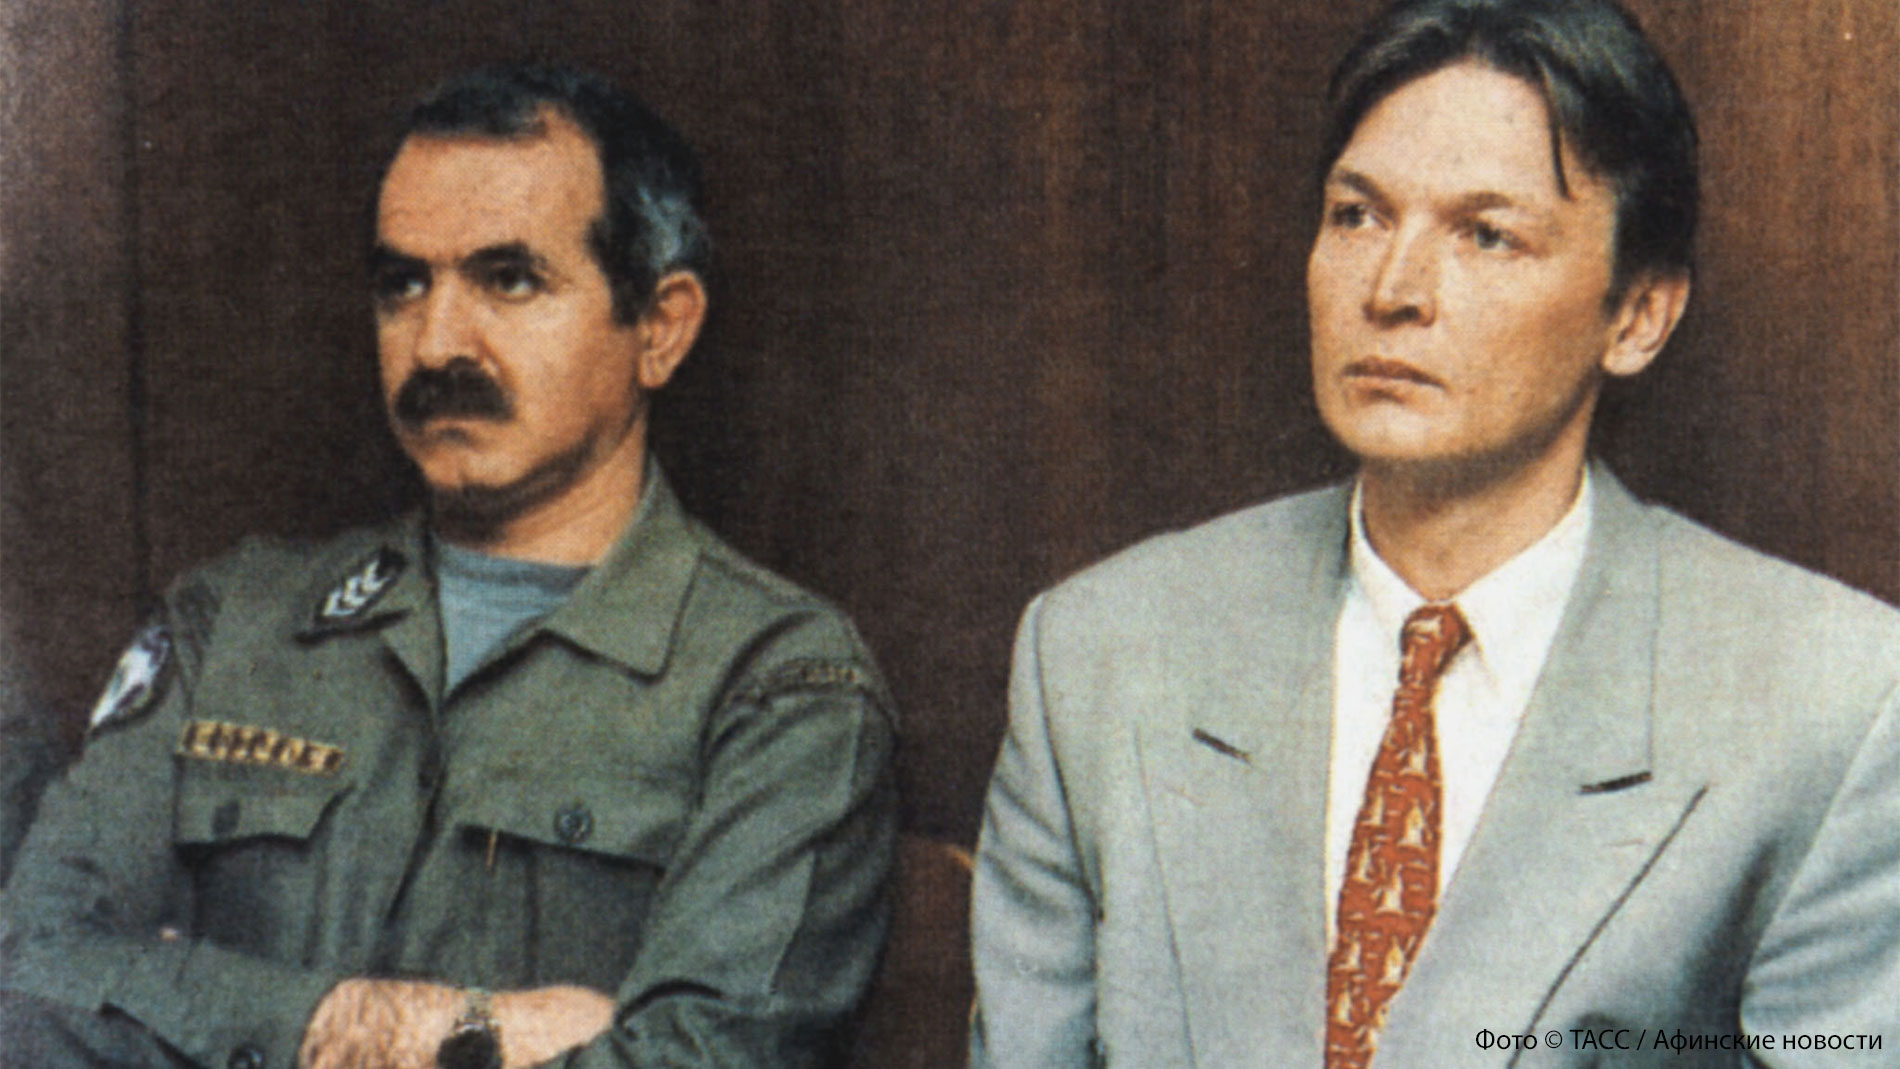 """<p>Осуждённый Андрей Козленок (на снимке справа). Фото © ТАСС / """"Афинские новости""""</p>"""